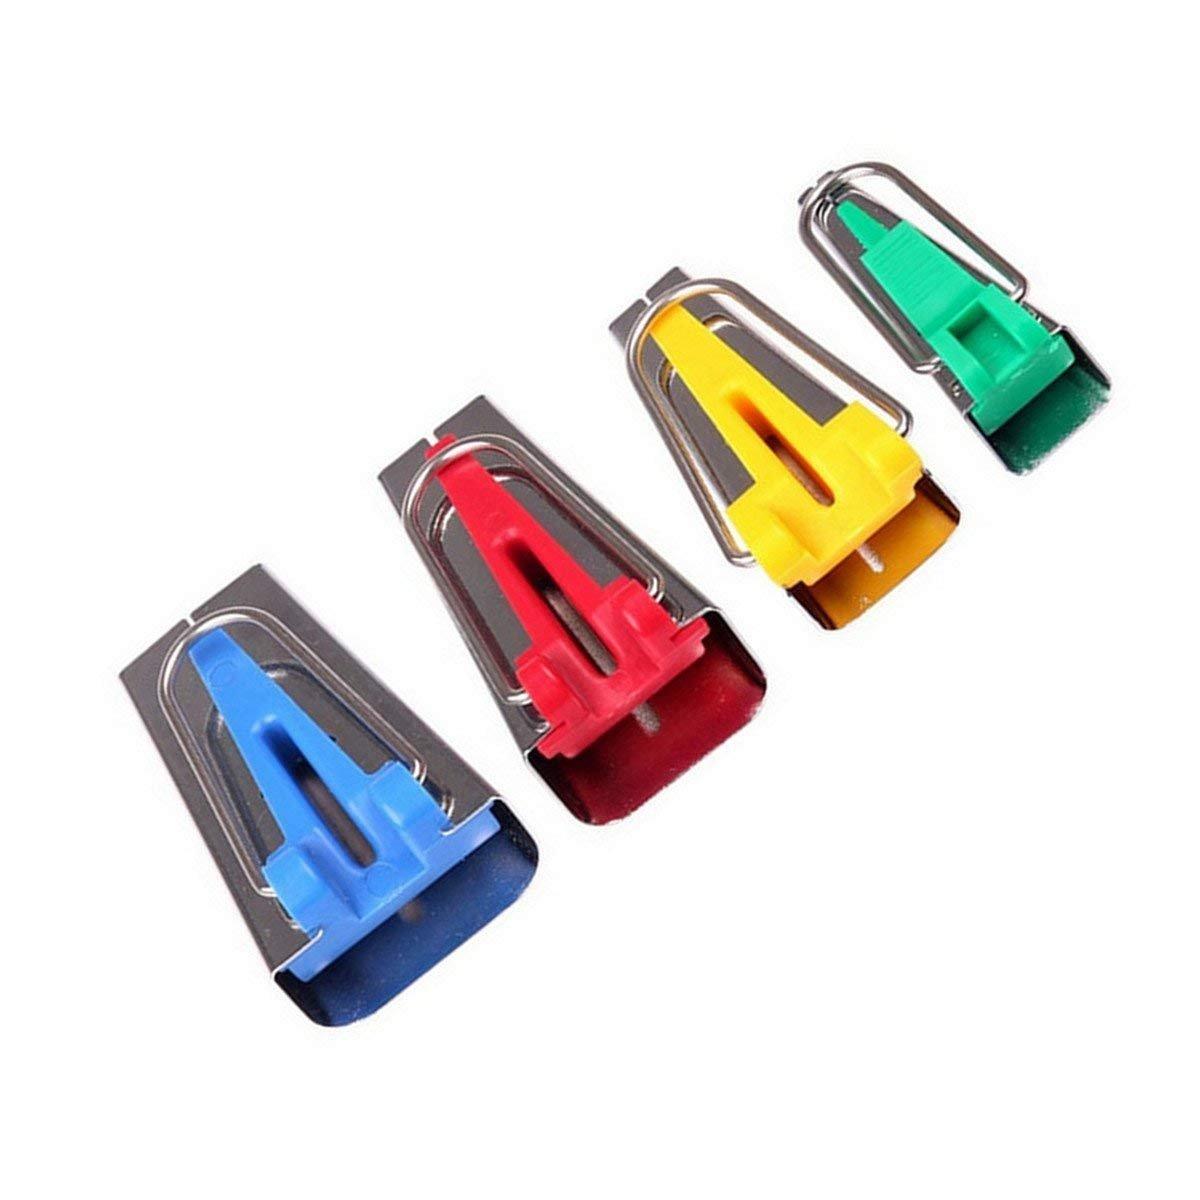 TuDu Lot de 4 Appareils à Biais/Bandes Fusible de Tissus de Tailles Différentes pour Fabriquer Largeur Bias Tape 6mm 12mm 18mm 25mm